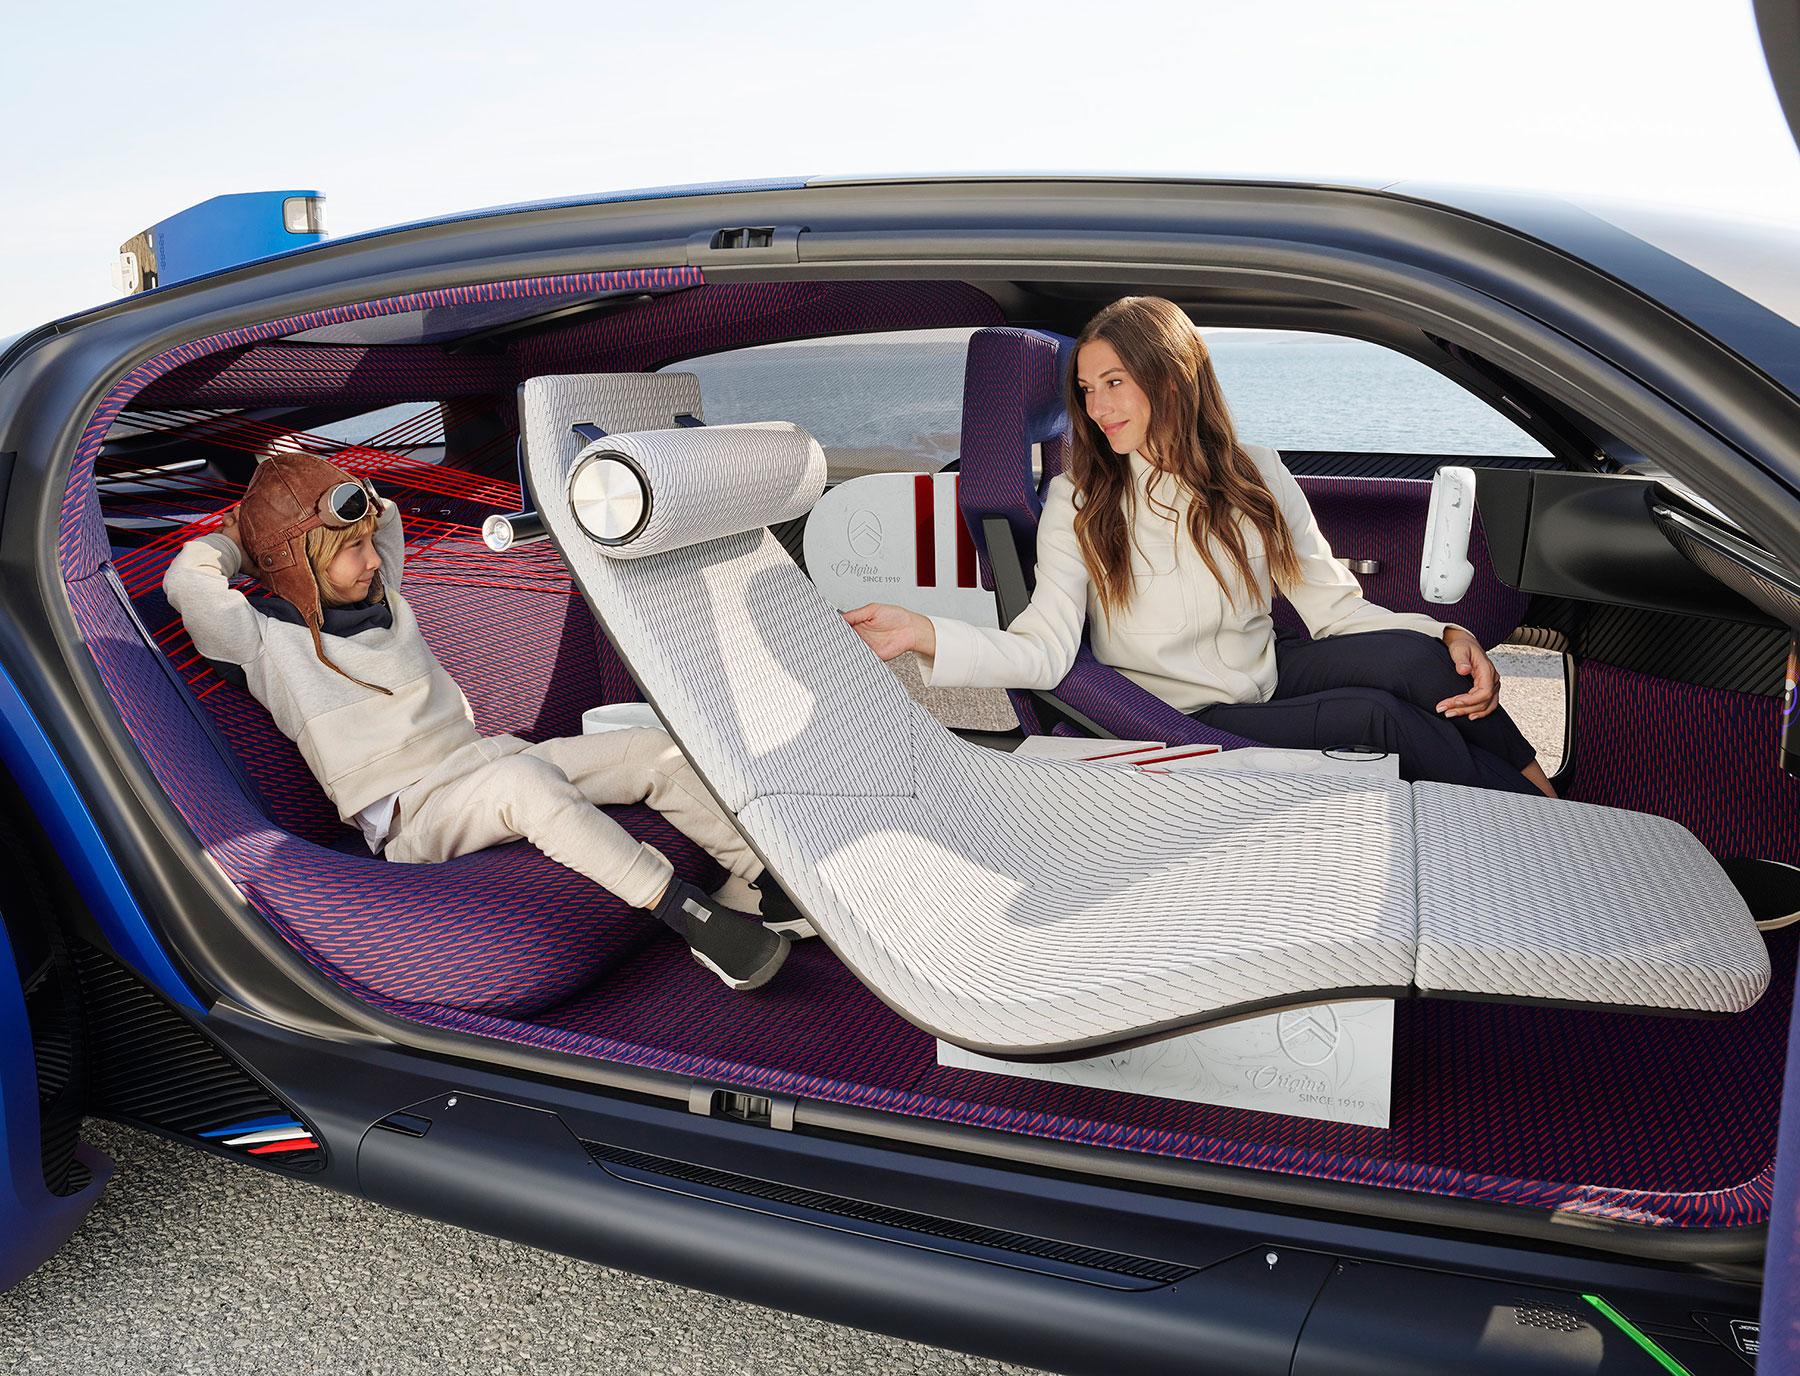 Citroën 19_19 Concept – ganz schön progressives Design